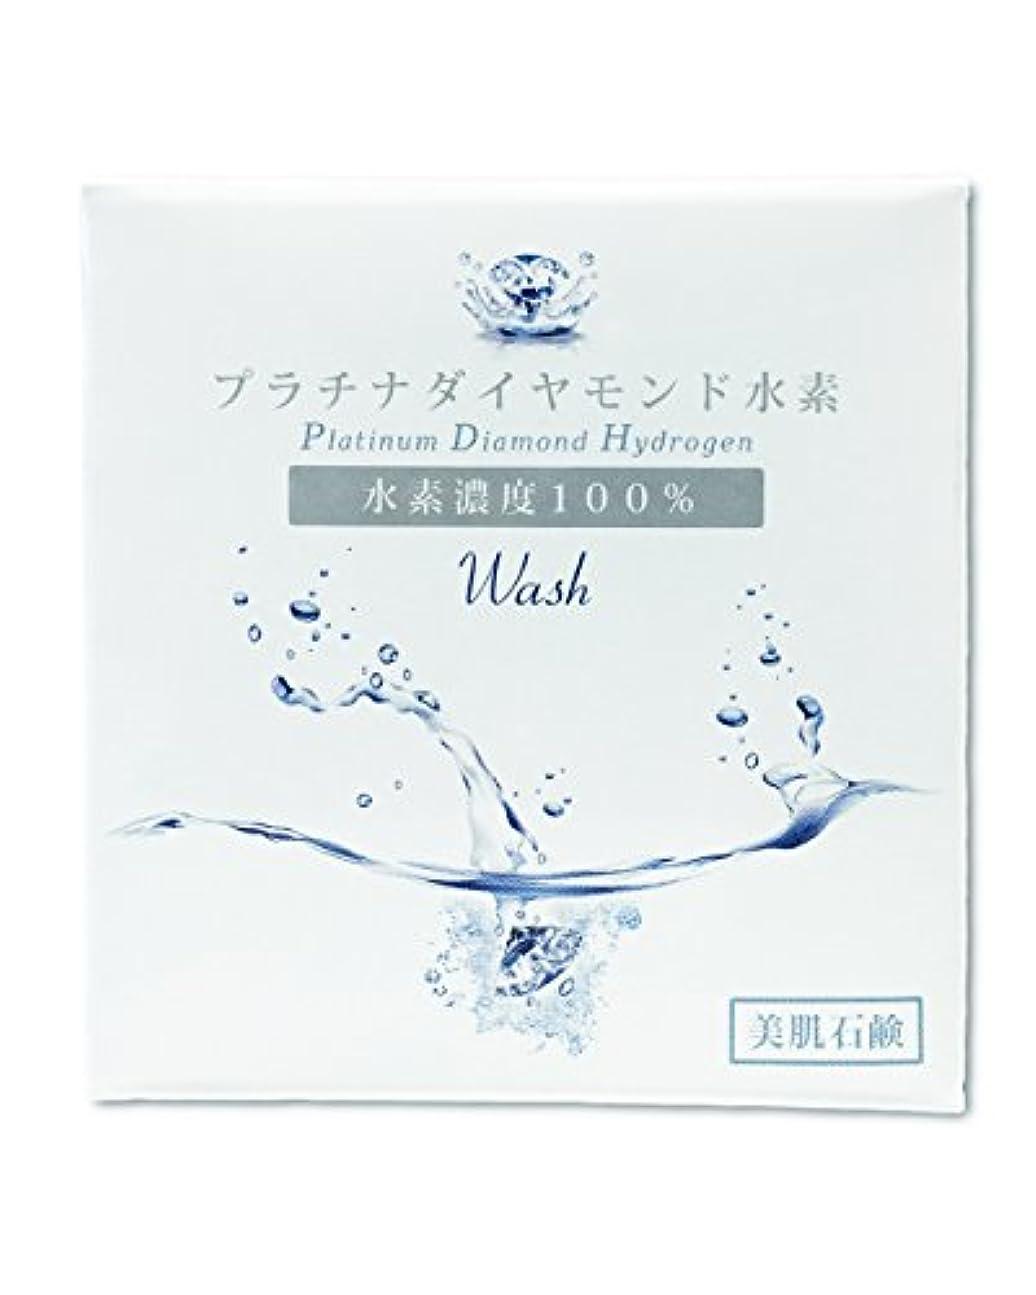 等価指宿水素石鹸 プラチナダイヤモンド水素Wash